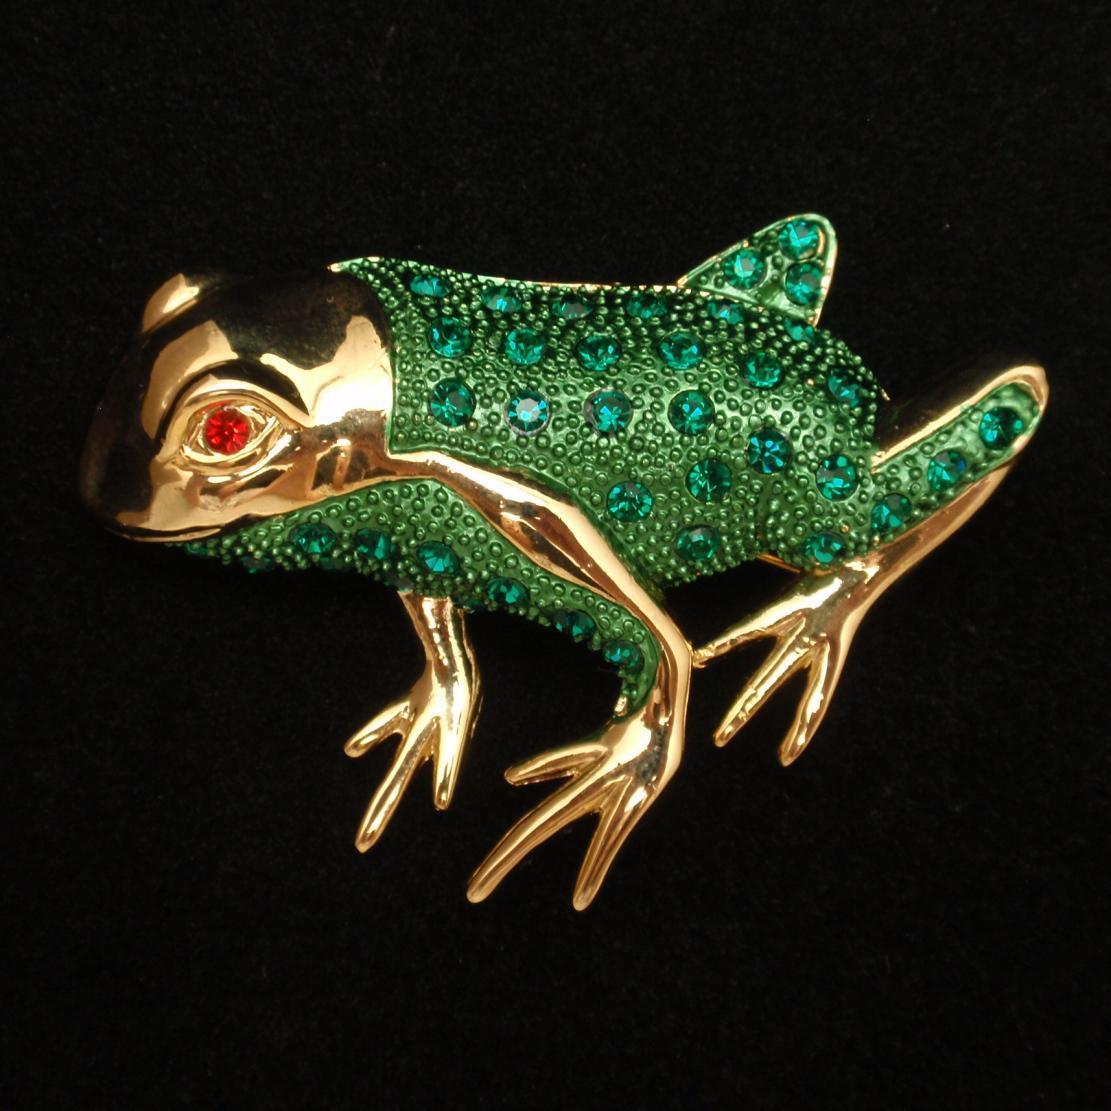 Frog Pin Vintage Figural Brooch Enamel and Rhinestones